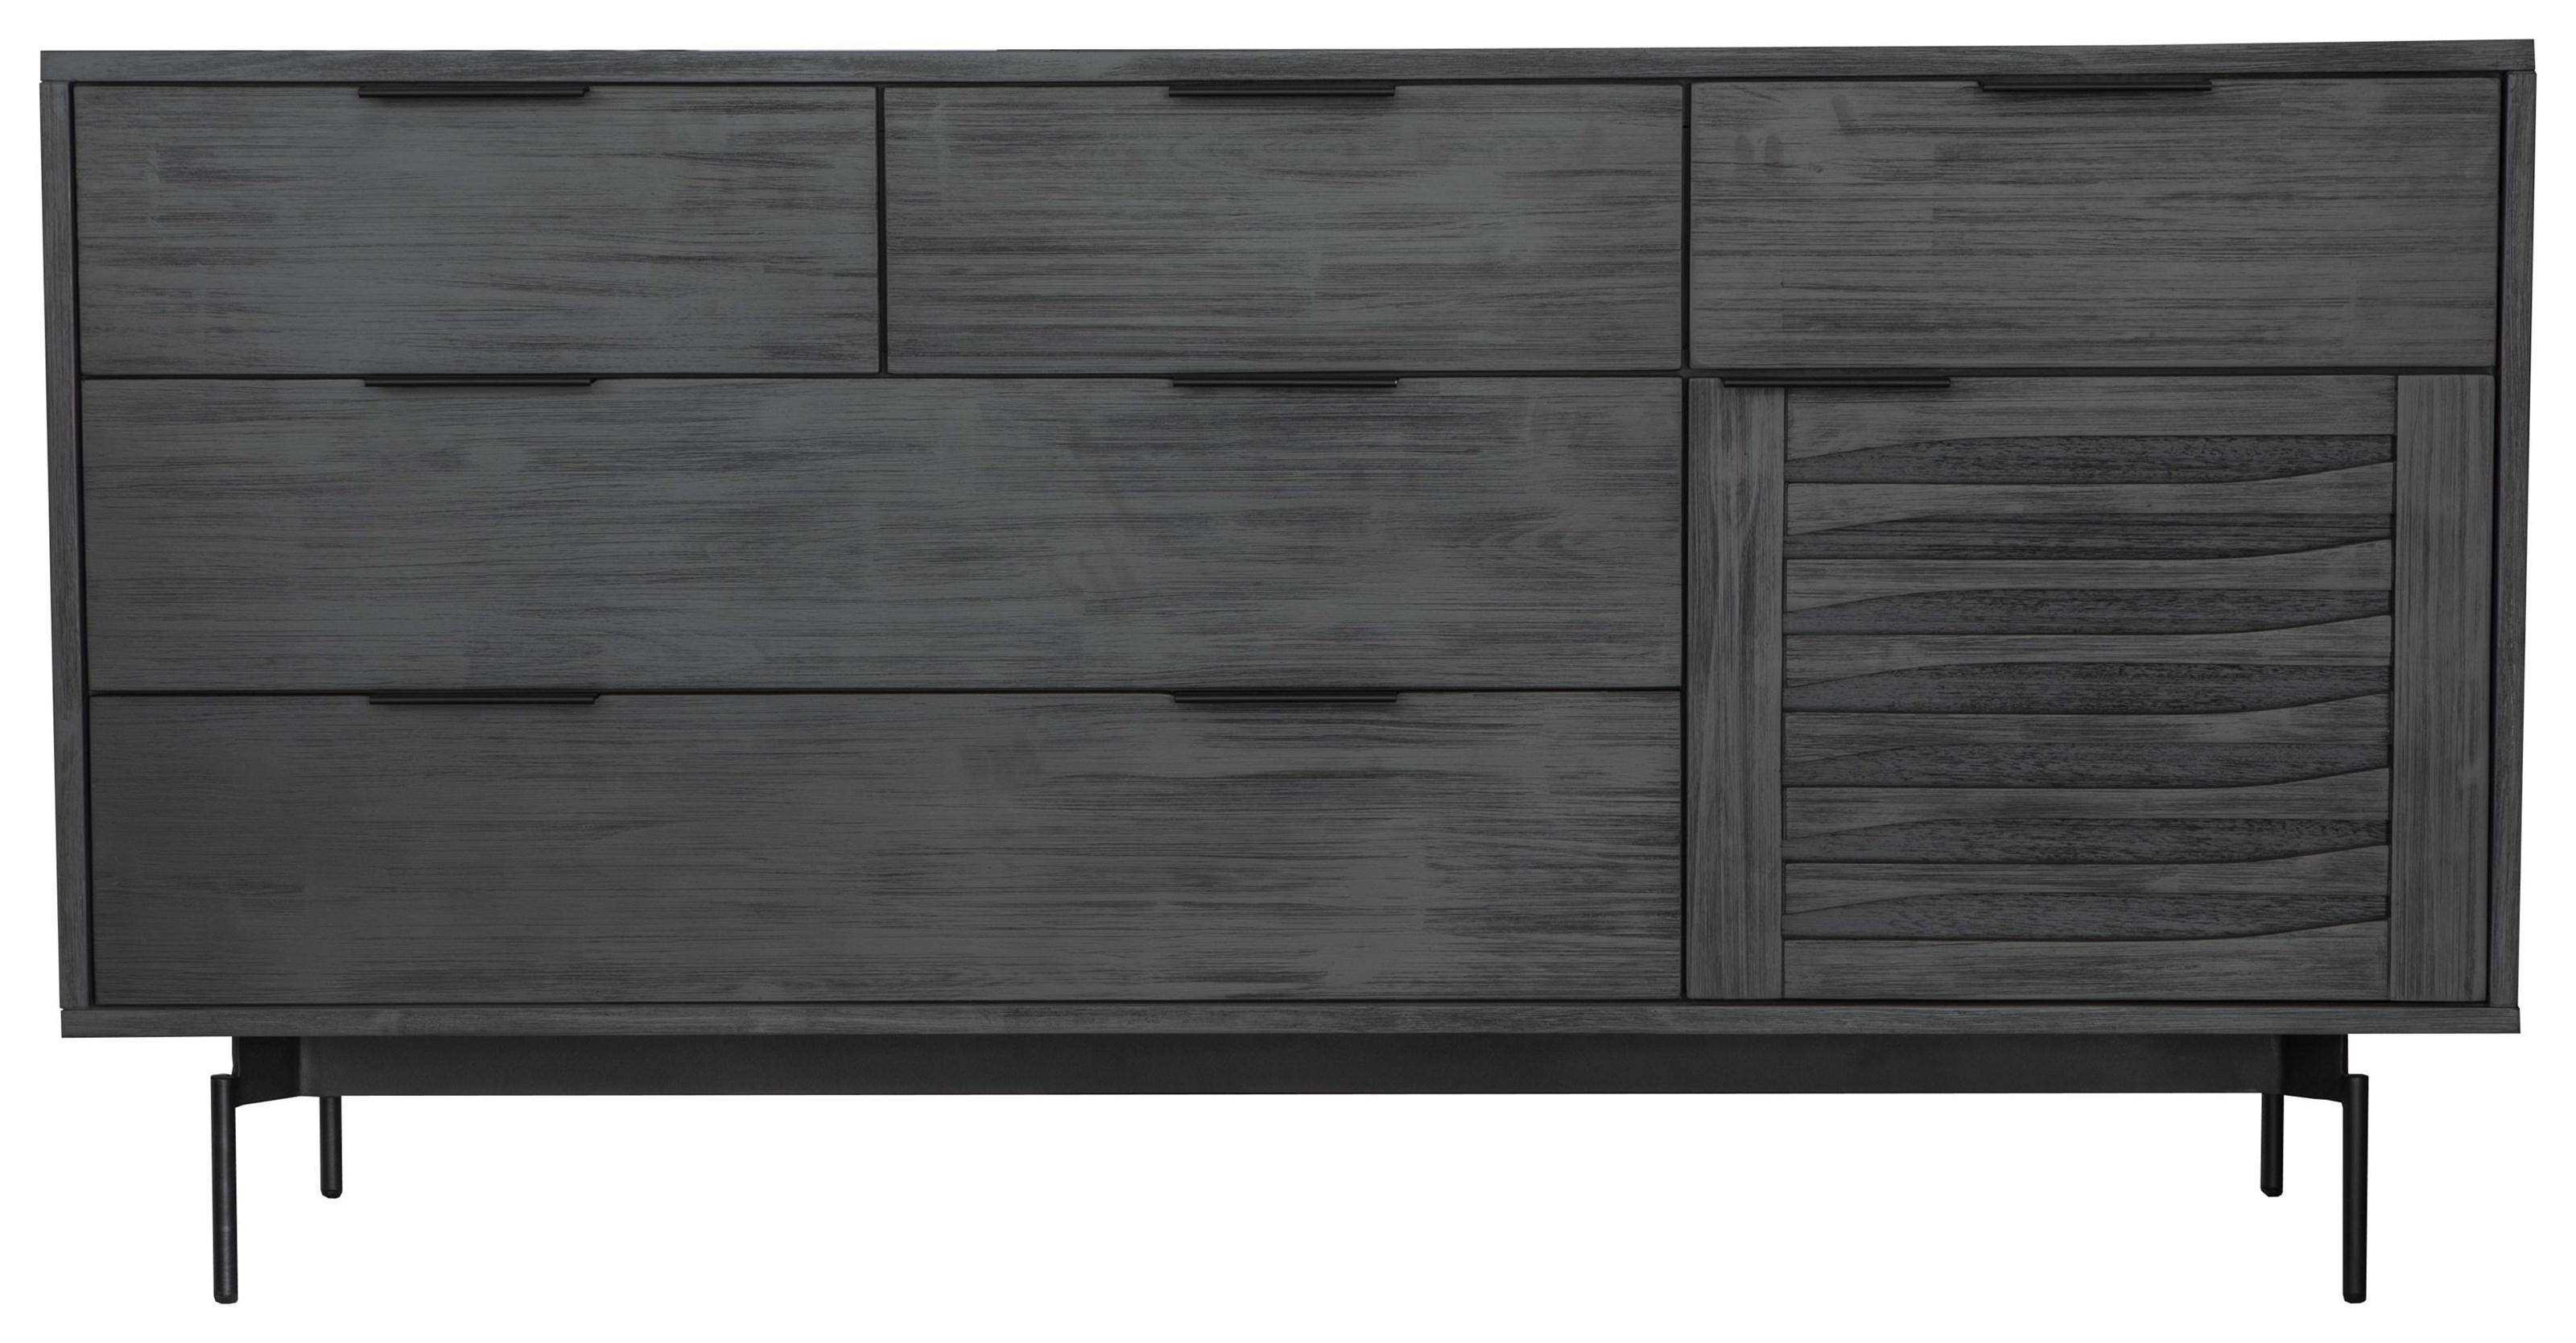 Kalyst Dresser by Design Evolution at Red Knot